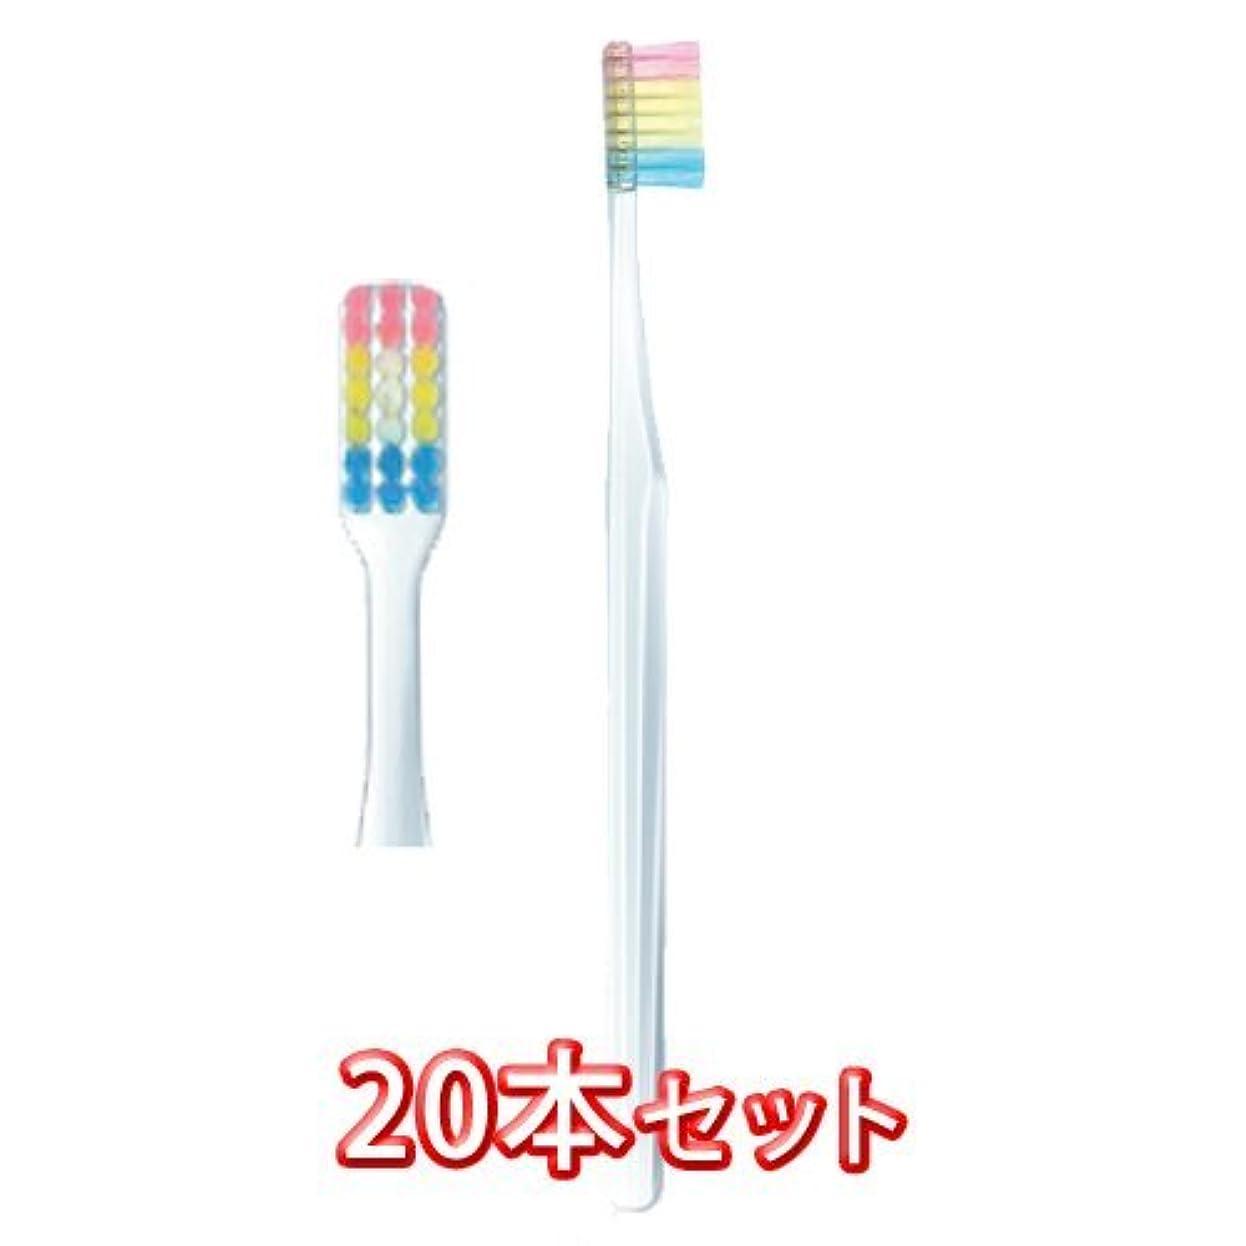 ほとんどない排除するヒステリックプロスペック 歯ブラシ ヤング 20本入 フォーレッスン 毛の硬さふつう